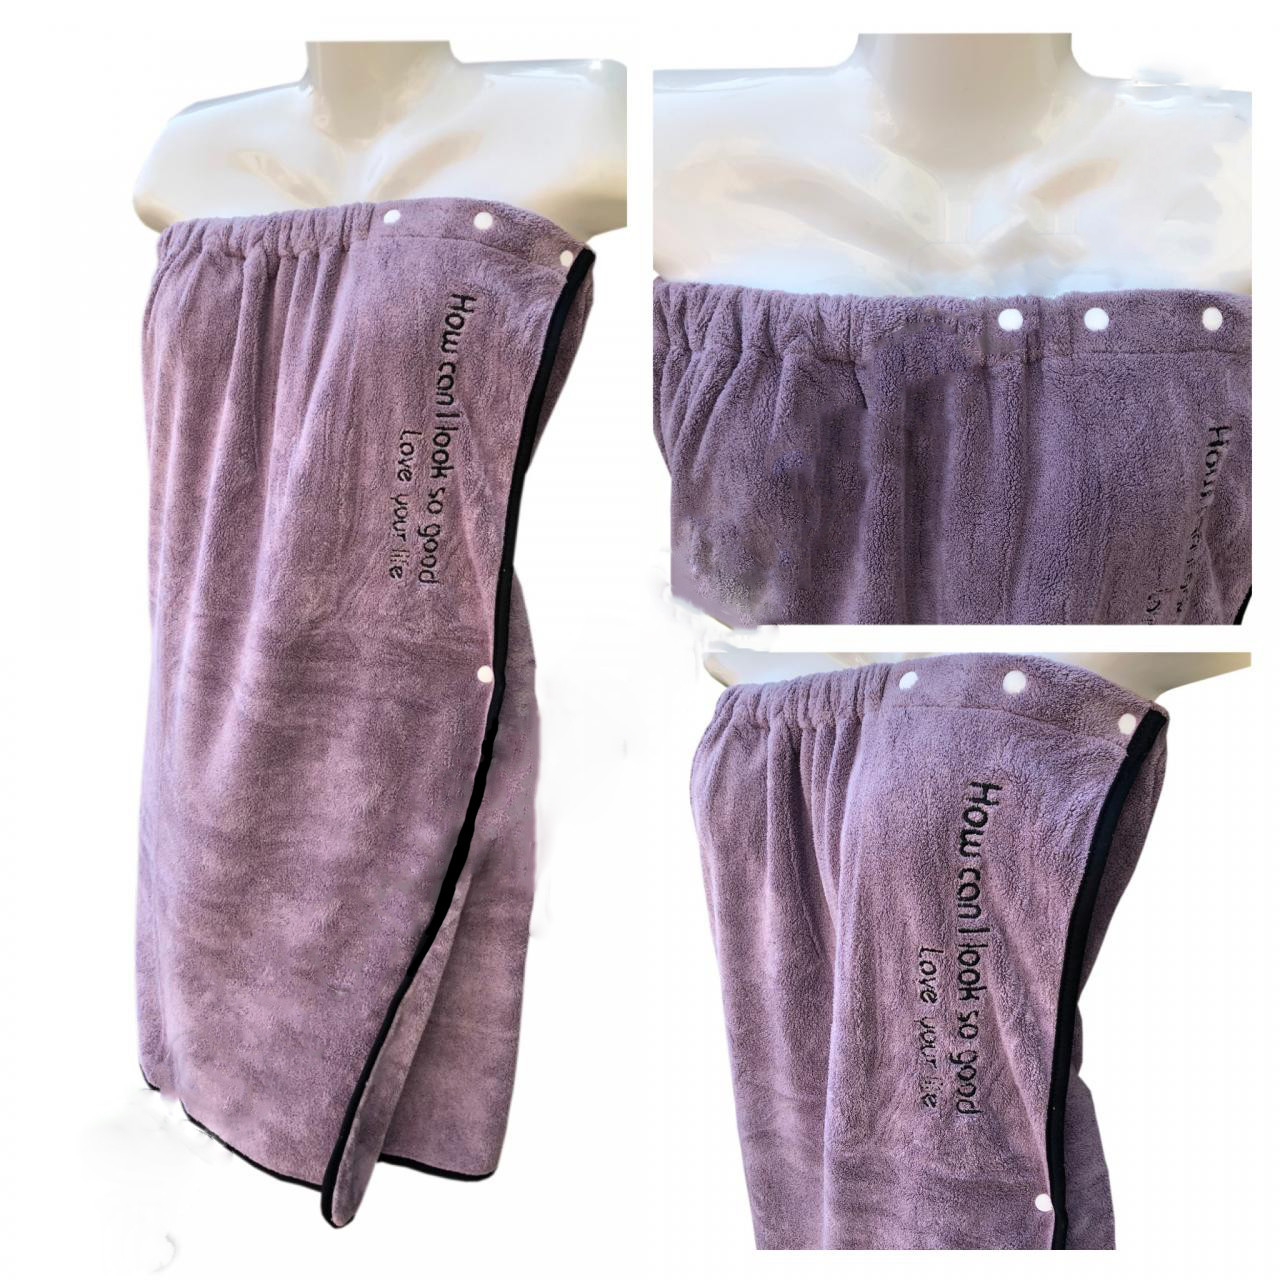 Набор для сауны и бани женский 2 предмета полотенце-халат + шапочка Премиум